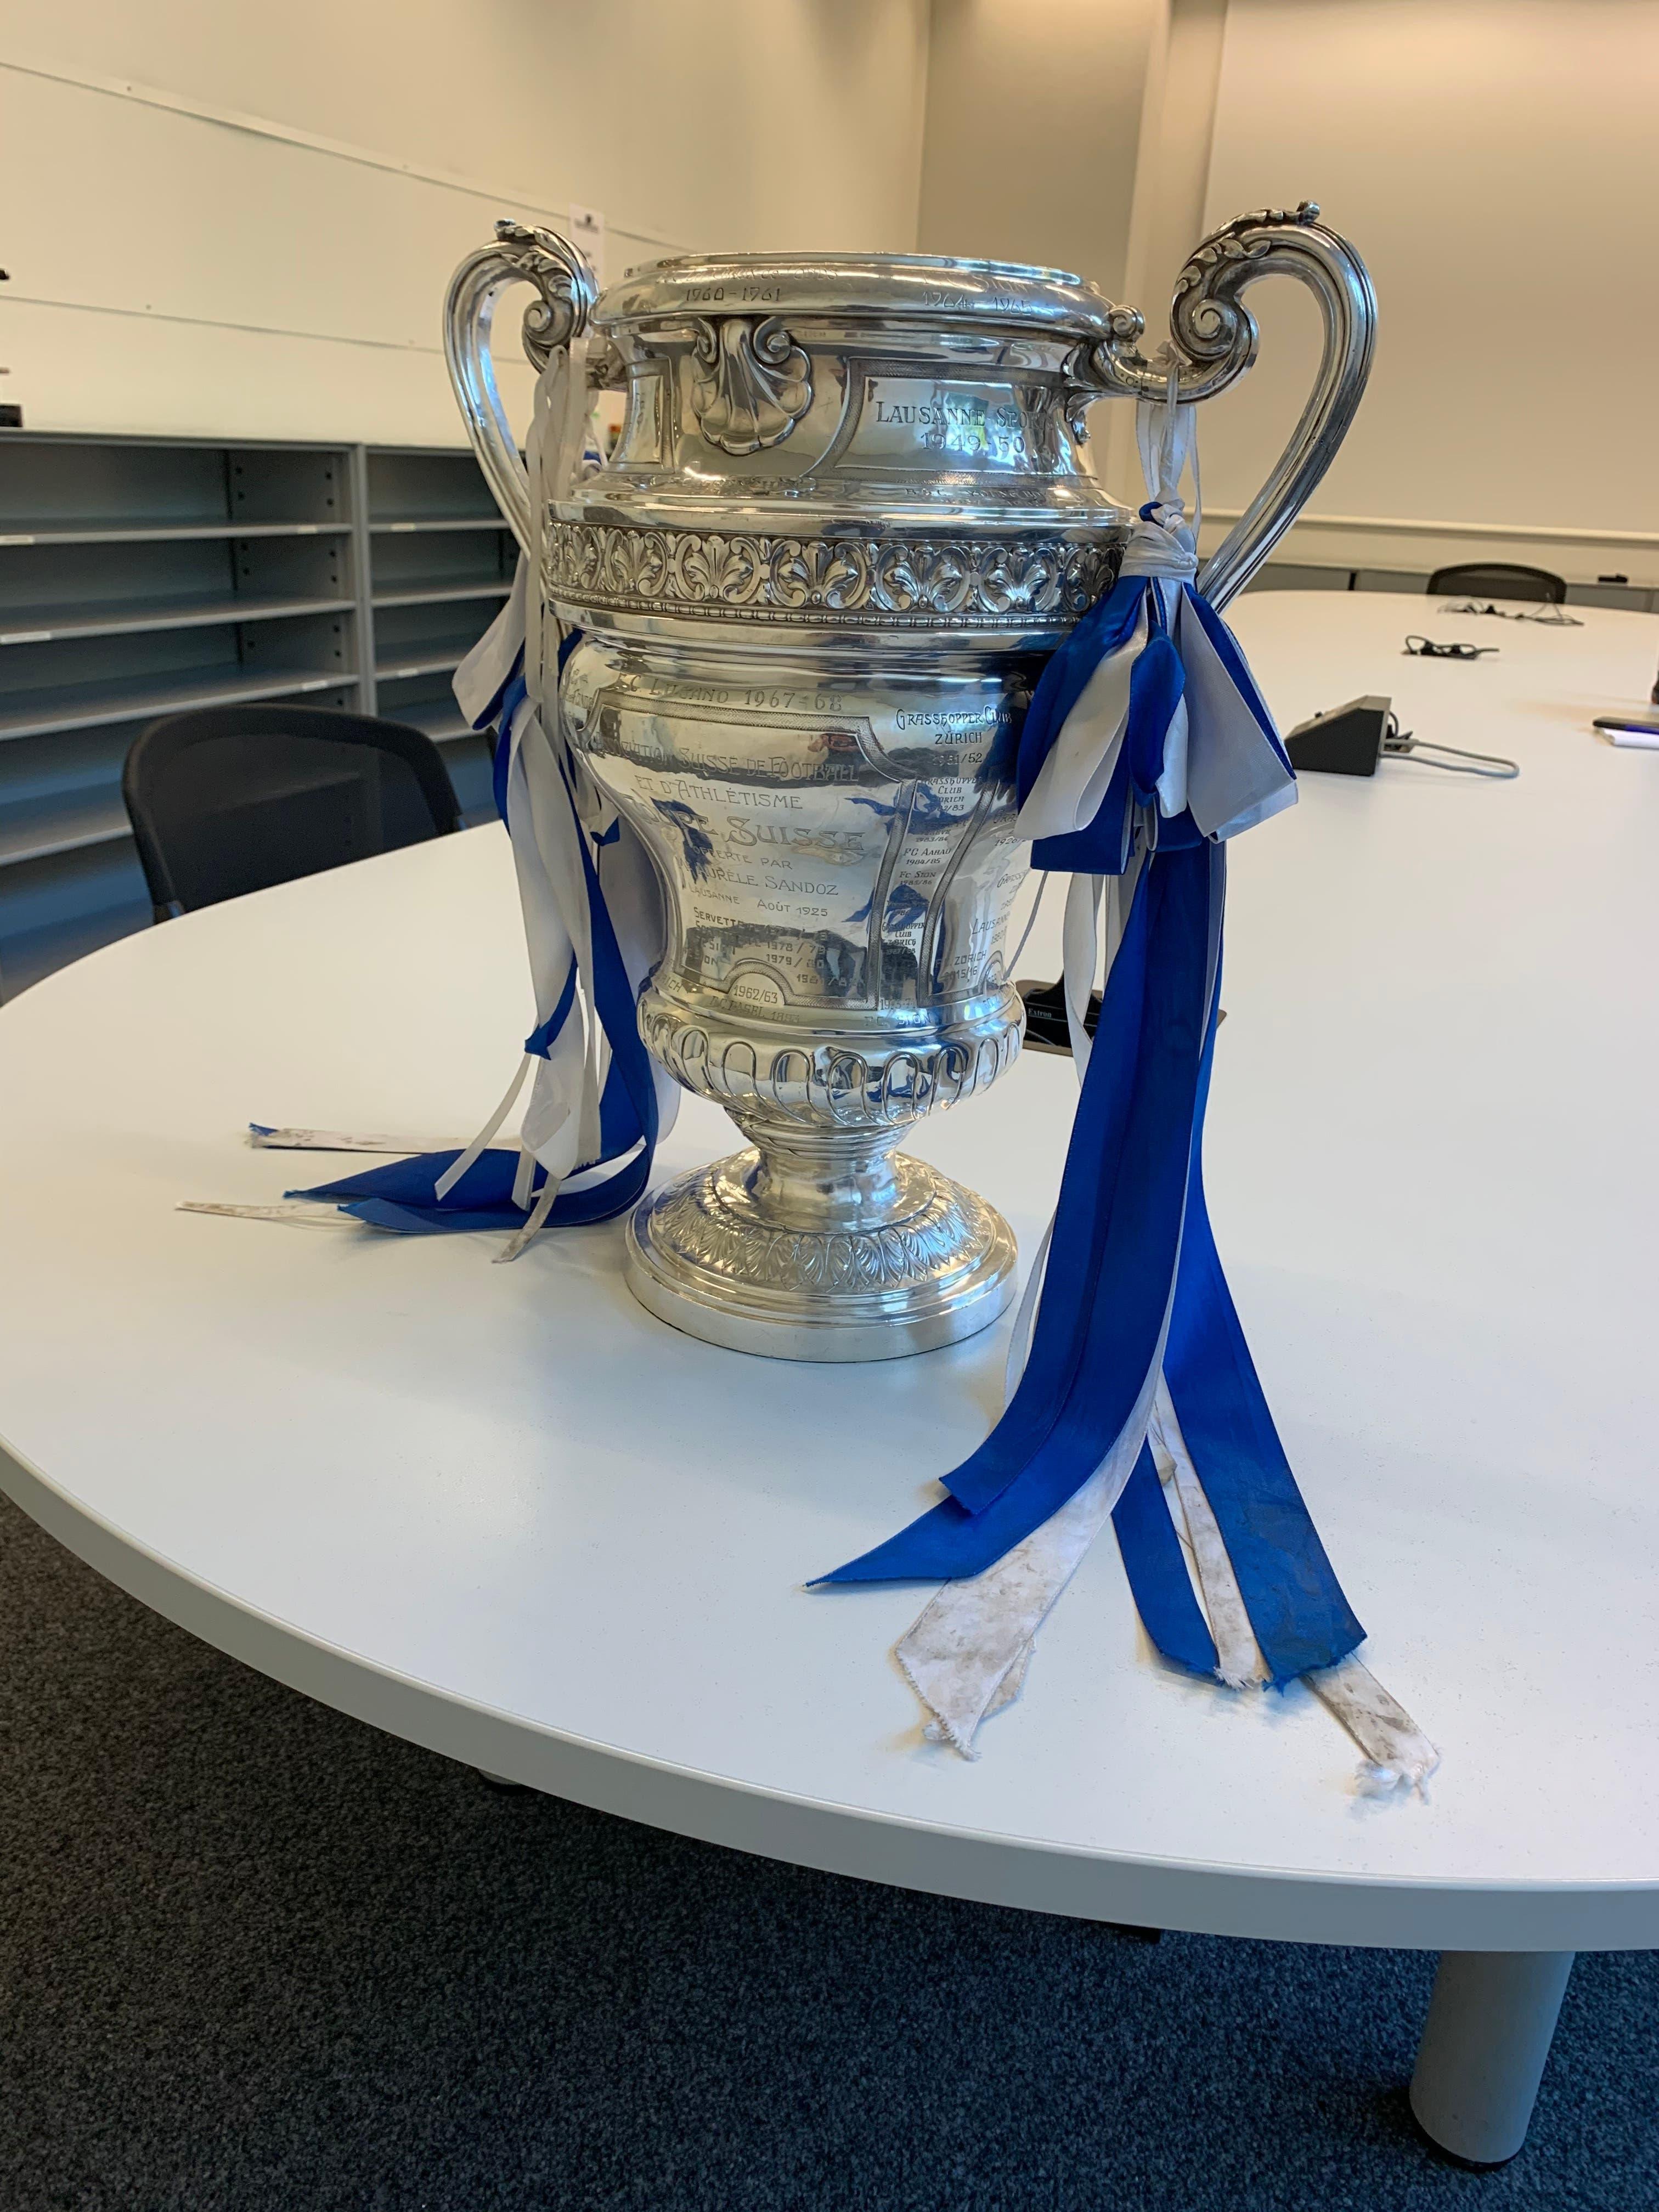 Die Sandoz Trophäe, die jeweils dem Cupsieger im Schweizer Fussball übergeben wird, im Redaktions-Sitzungszimmer der Luzerner Zeitung. Nach dem Cupsieg bunkert der FCL den Chöbu, wie der Pokal auch genannt wird, nicht in den Katakomben der Swissporarena ein, sondern bringt ihn unter die Leute.